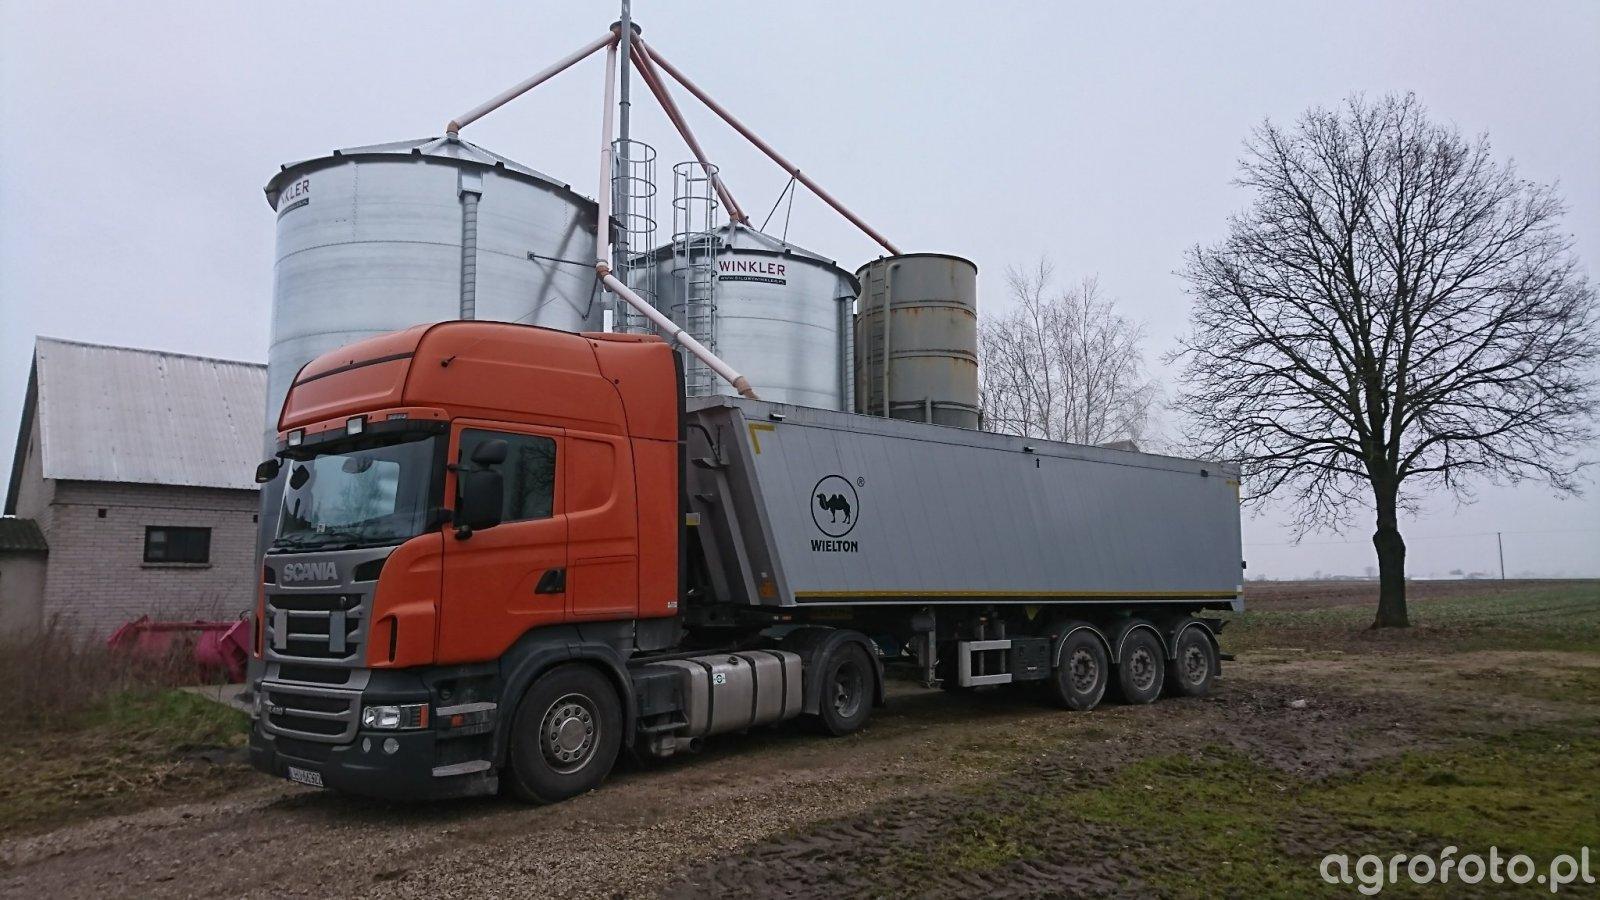 Scania + wielton